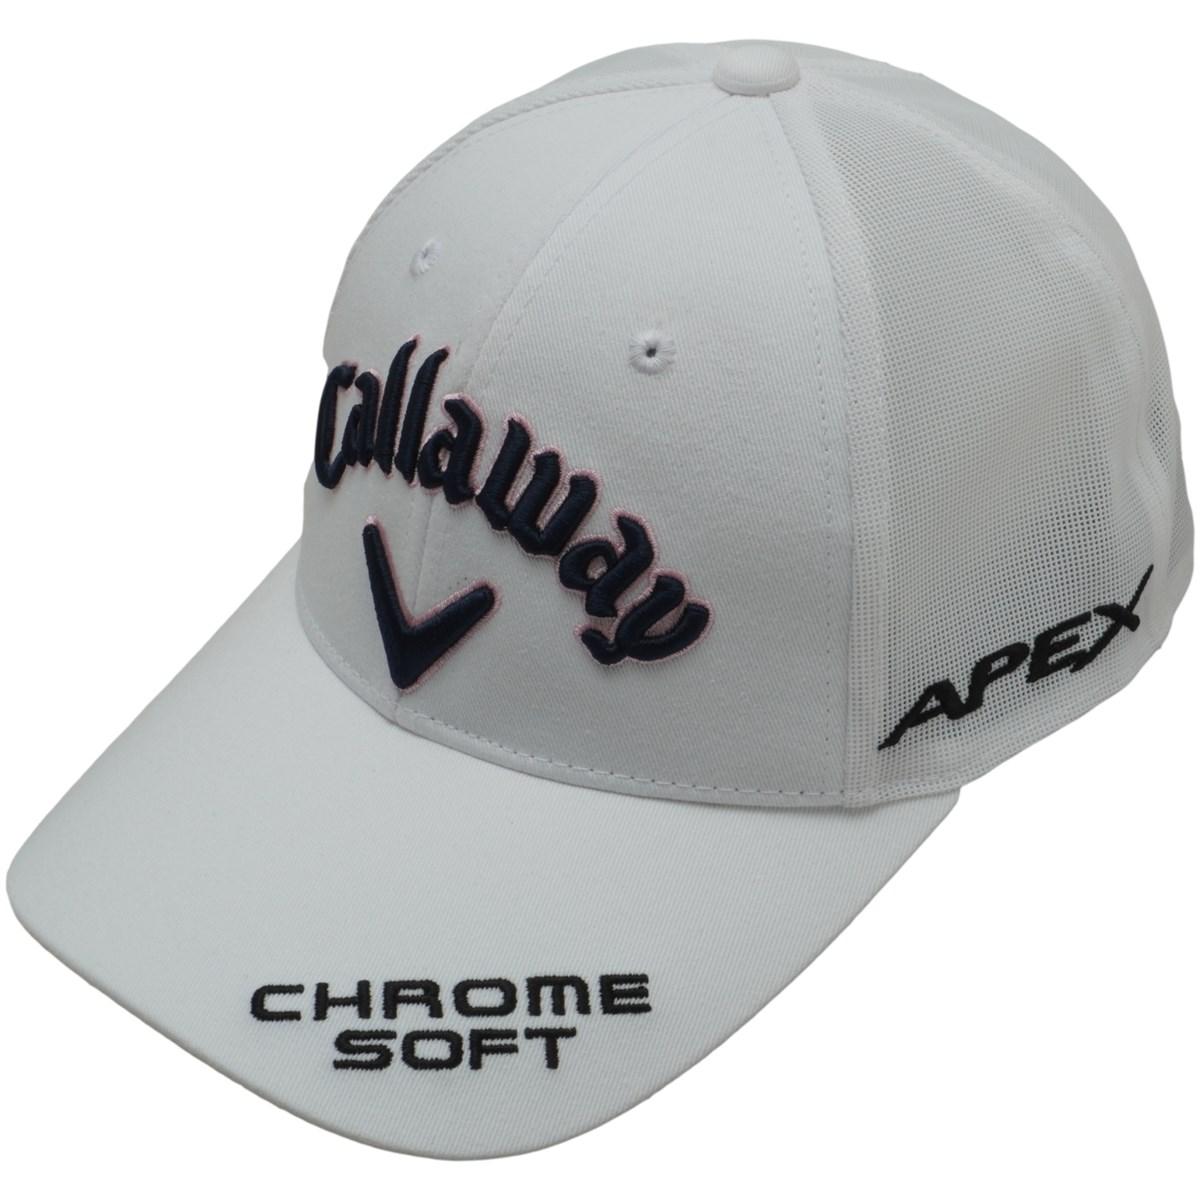 キャロウェイゴルフ Callaway Golf ツアーアメリカンメッシュキャップ フリー ホワイト 030 レディス